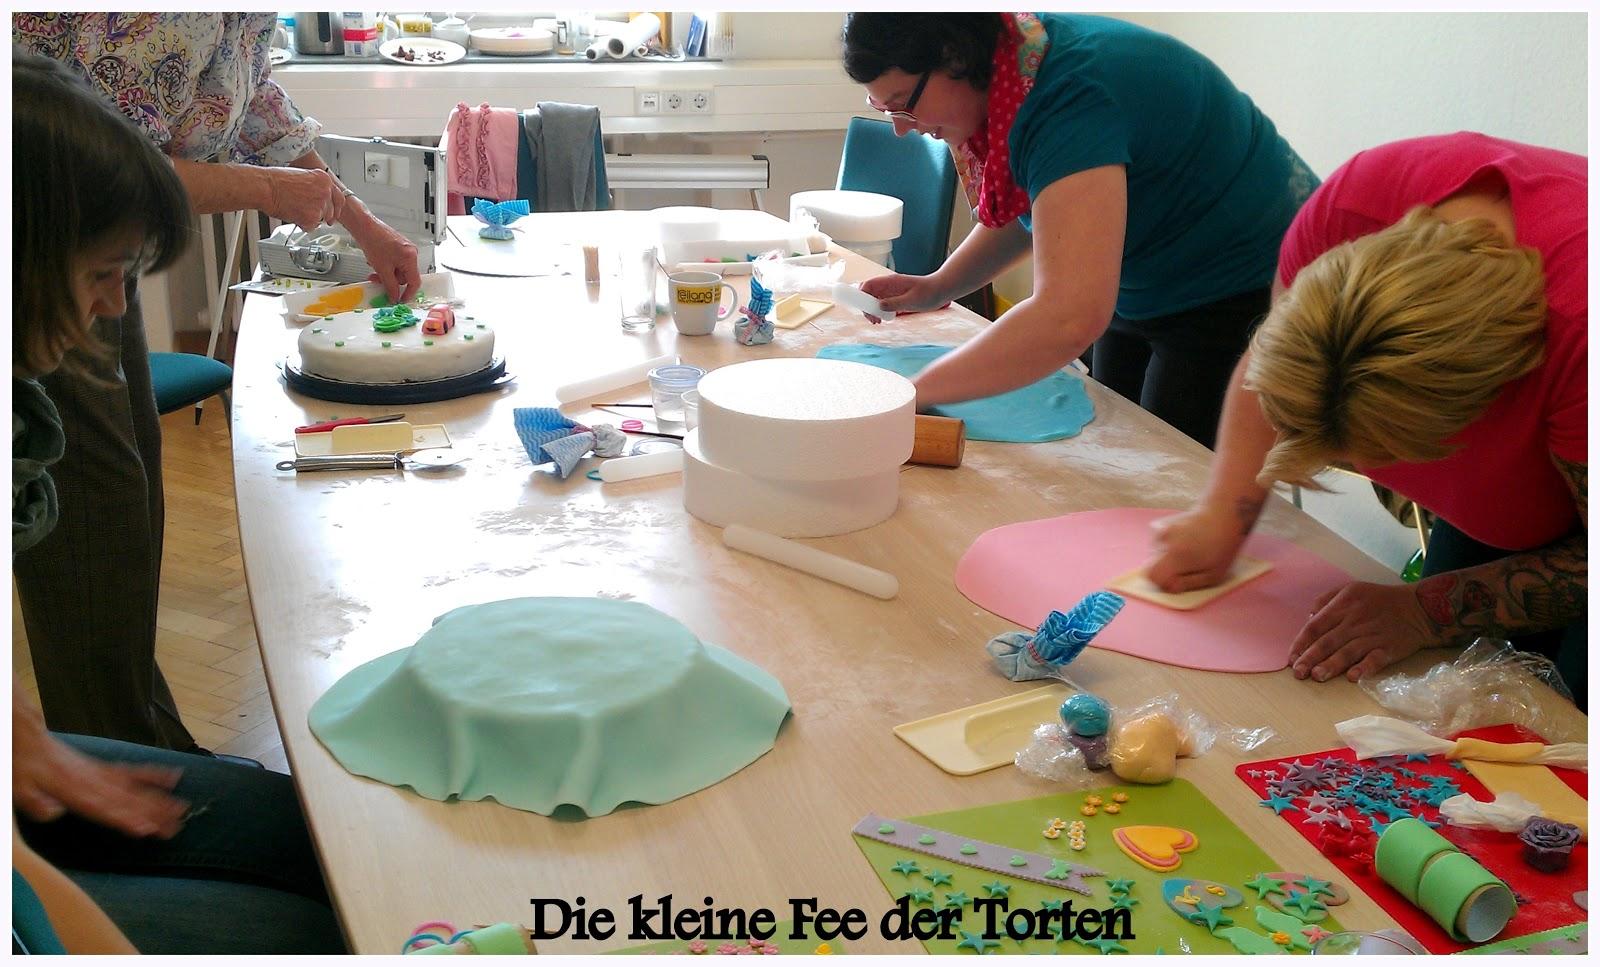 Die kleine fee der torten april 2013 for Schaufenster dekorieren lernen